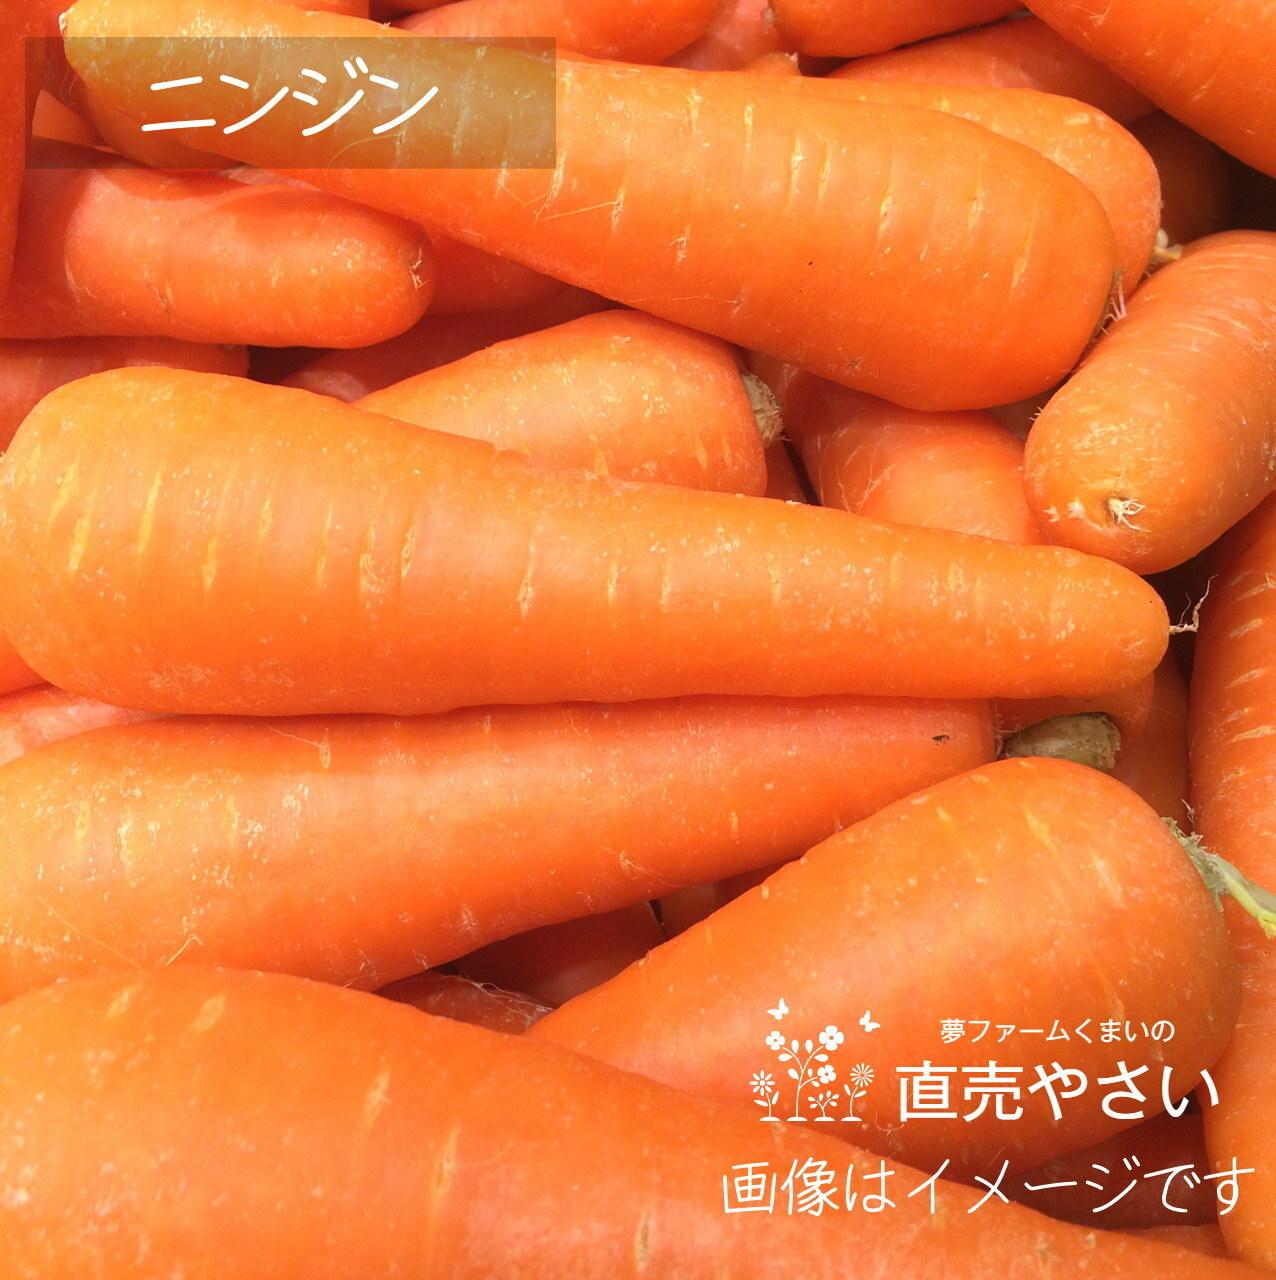 新鮮な秋野菜 : ニンジン 約400g 9月の朝採り直売野菜 9月26日発送予定